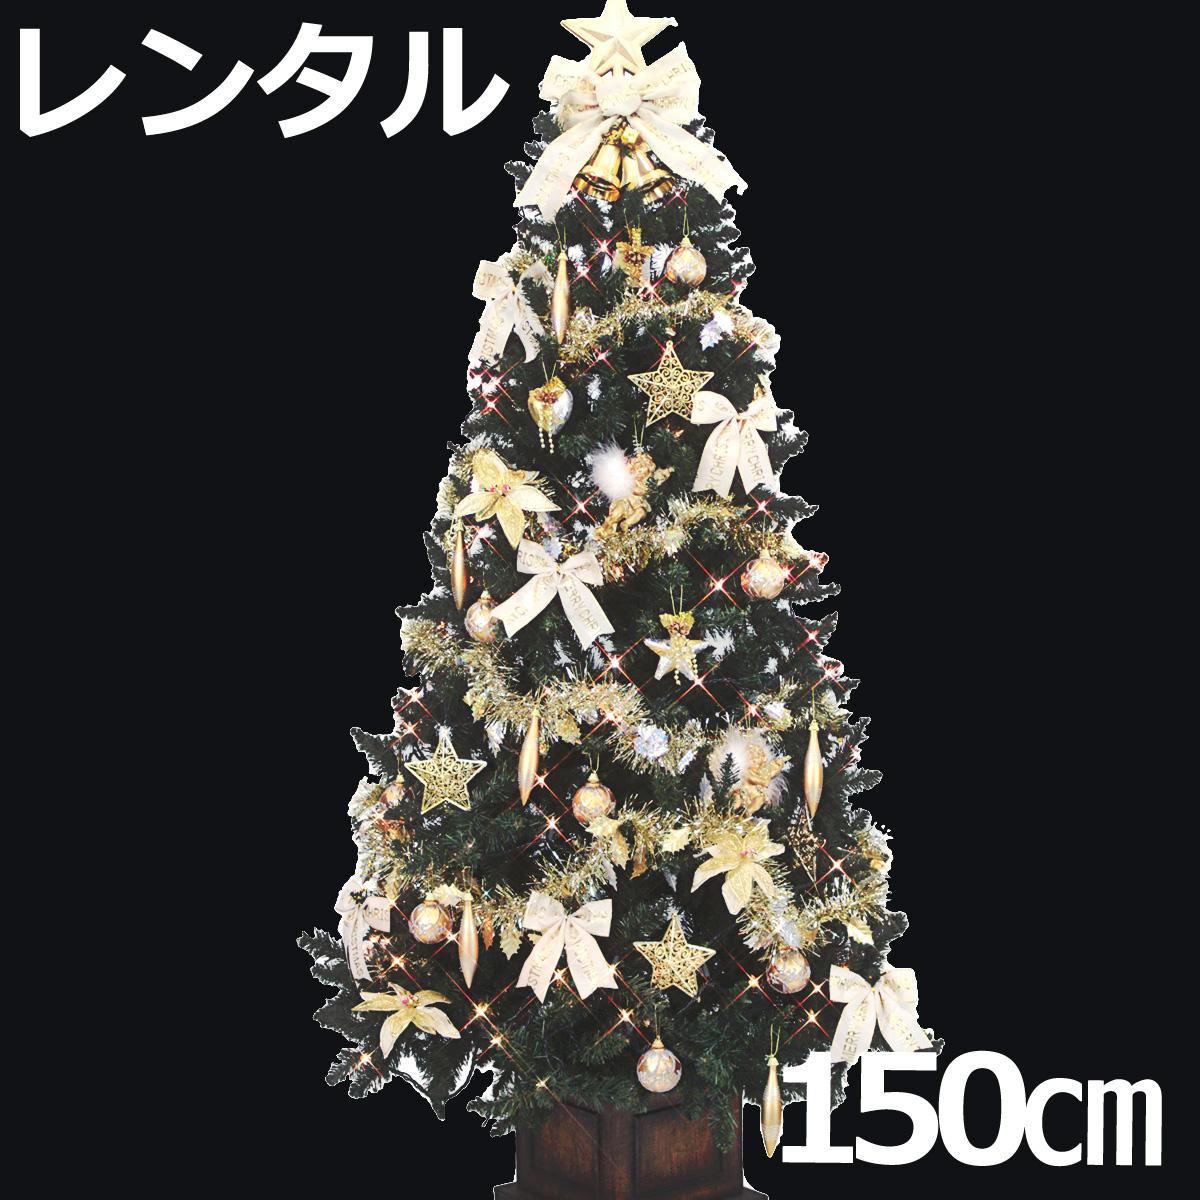 【レンタル】 クリスマスツリー セット 150cm 木製ポット付 ゴールド&アイボリー 【往復 送料無料】 クリスマスツリー レンタル fy16REN07